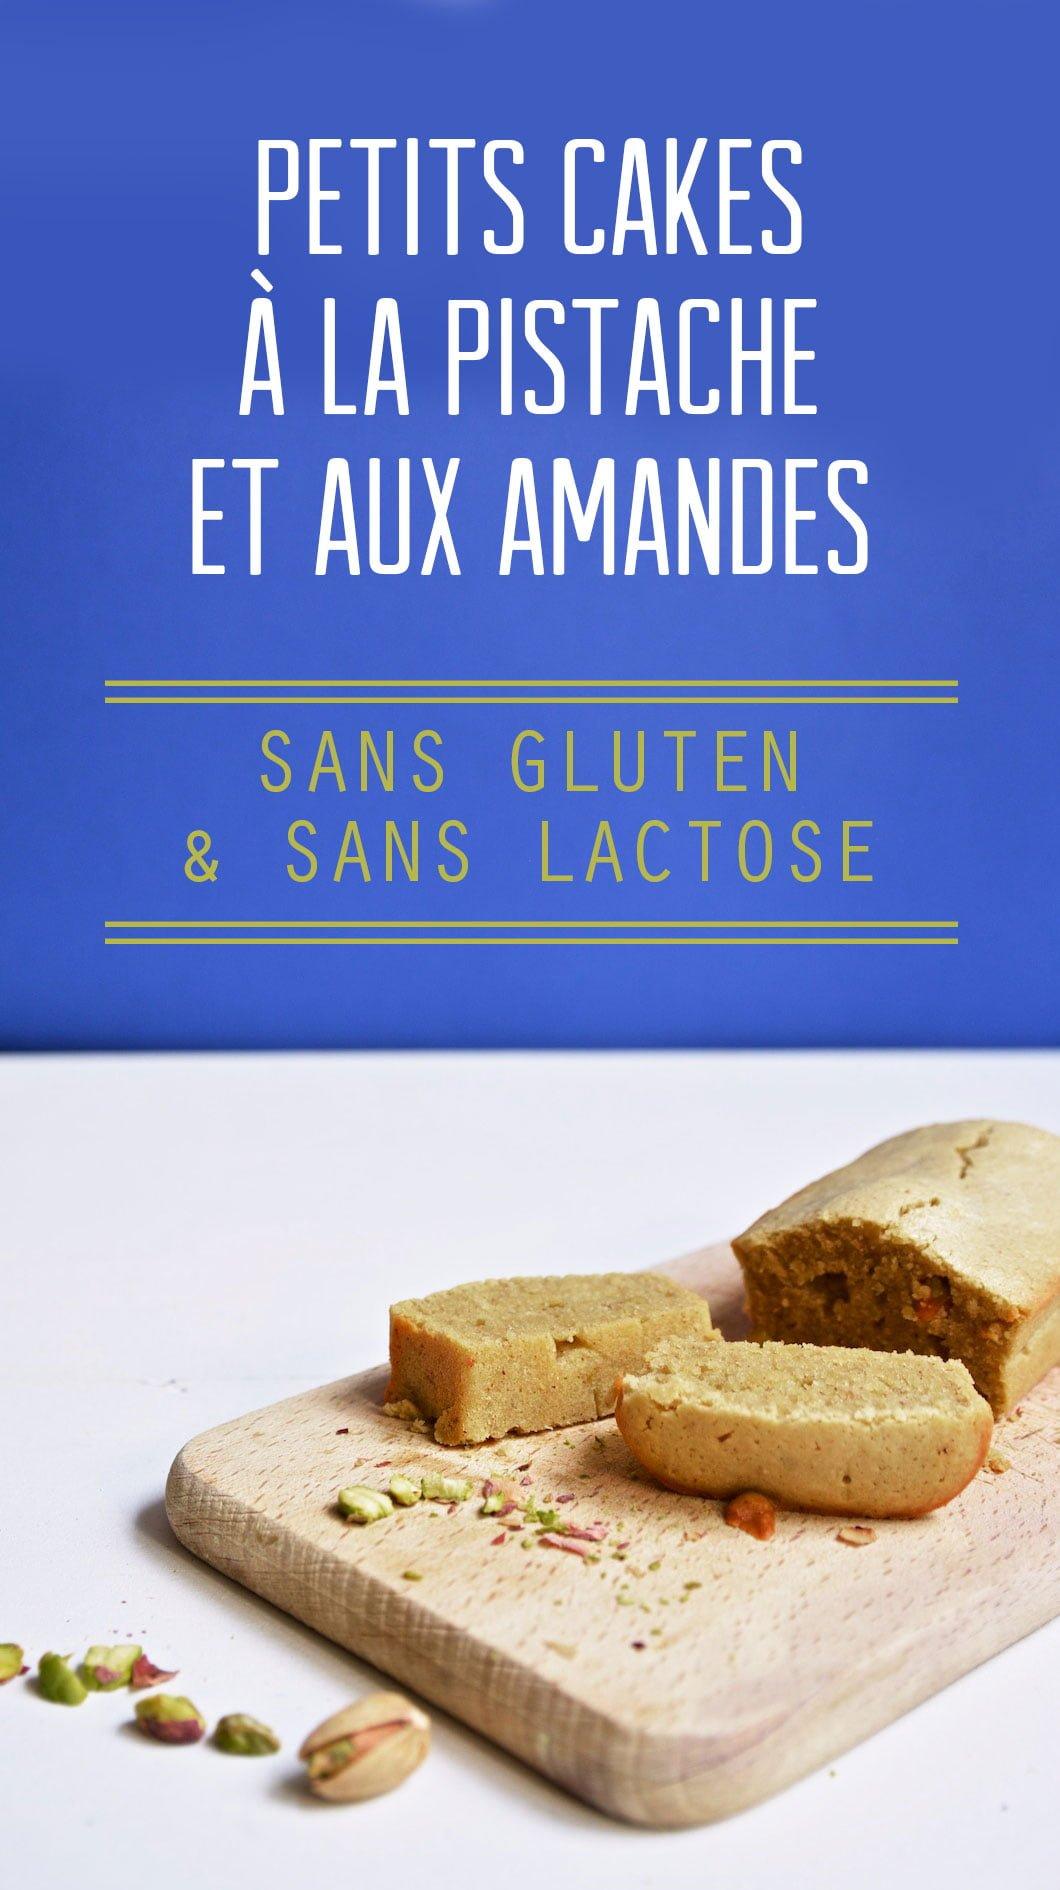 Mes petits cakes ultra simples à la pistache et aux amandes, sans gluten et sans lactose - 22 v'la Scarlett